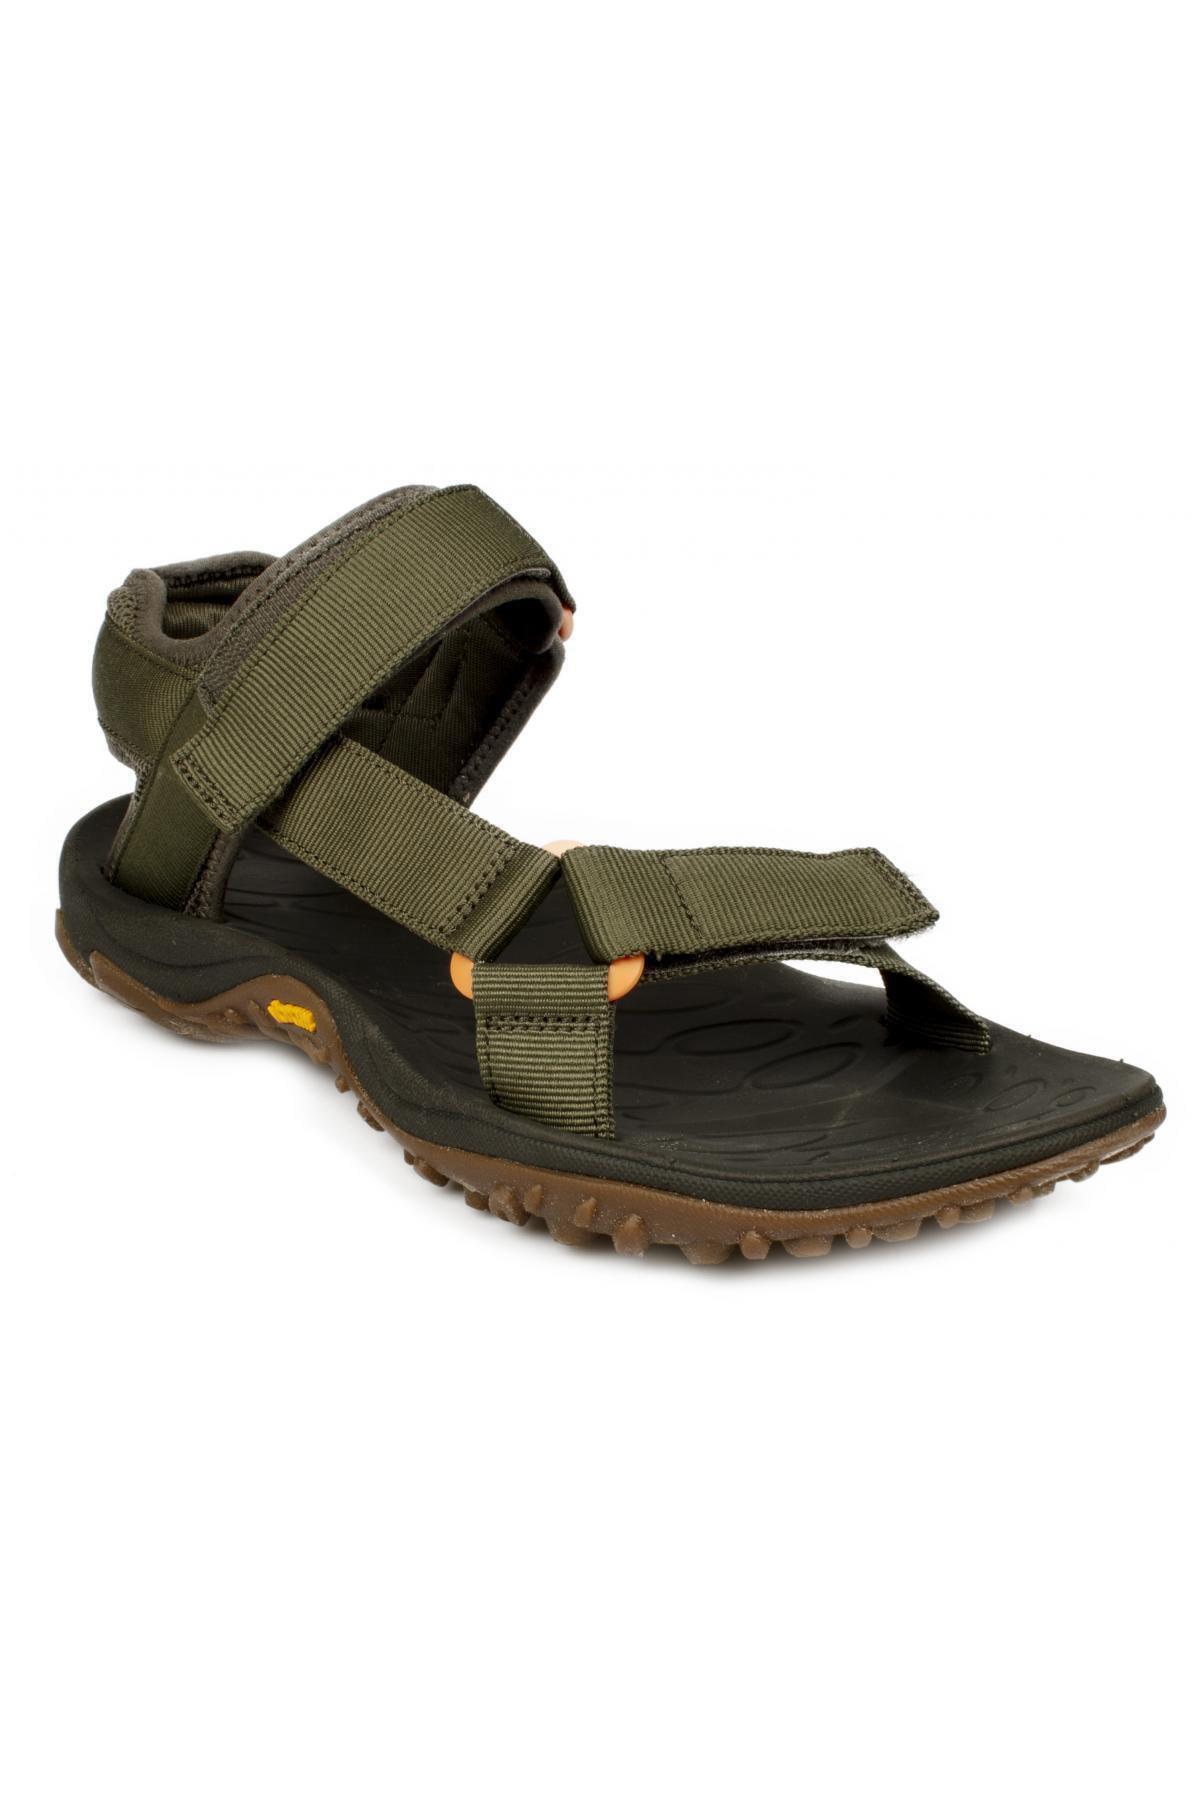 Merrel Kahuna Web Erkek Ayakkabısı J000783